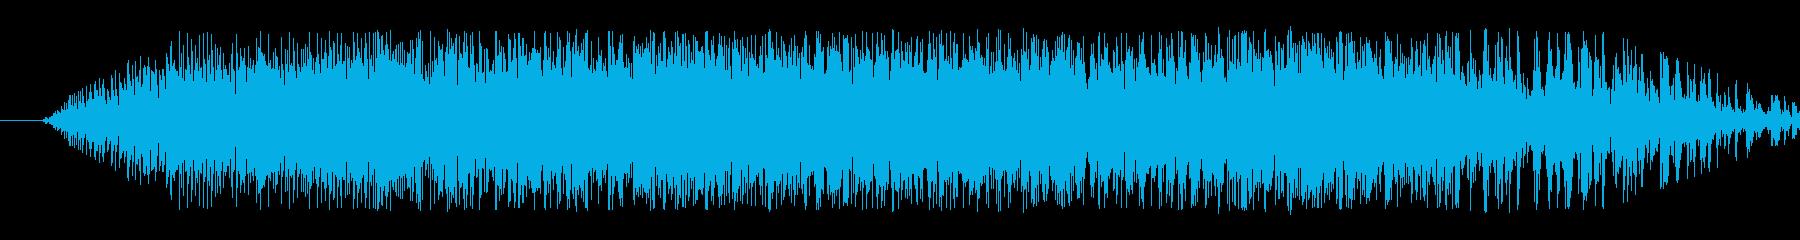 翼竜の鳴き声(クアーッ)の再生済みの波形